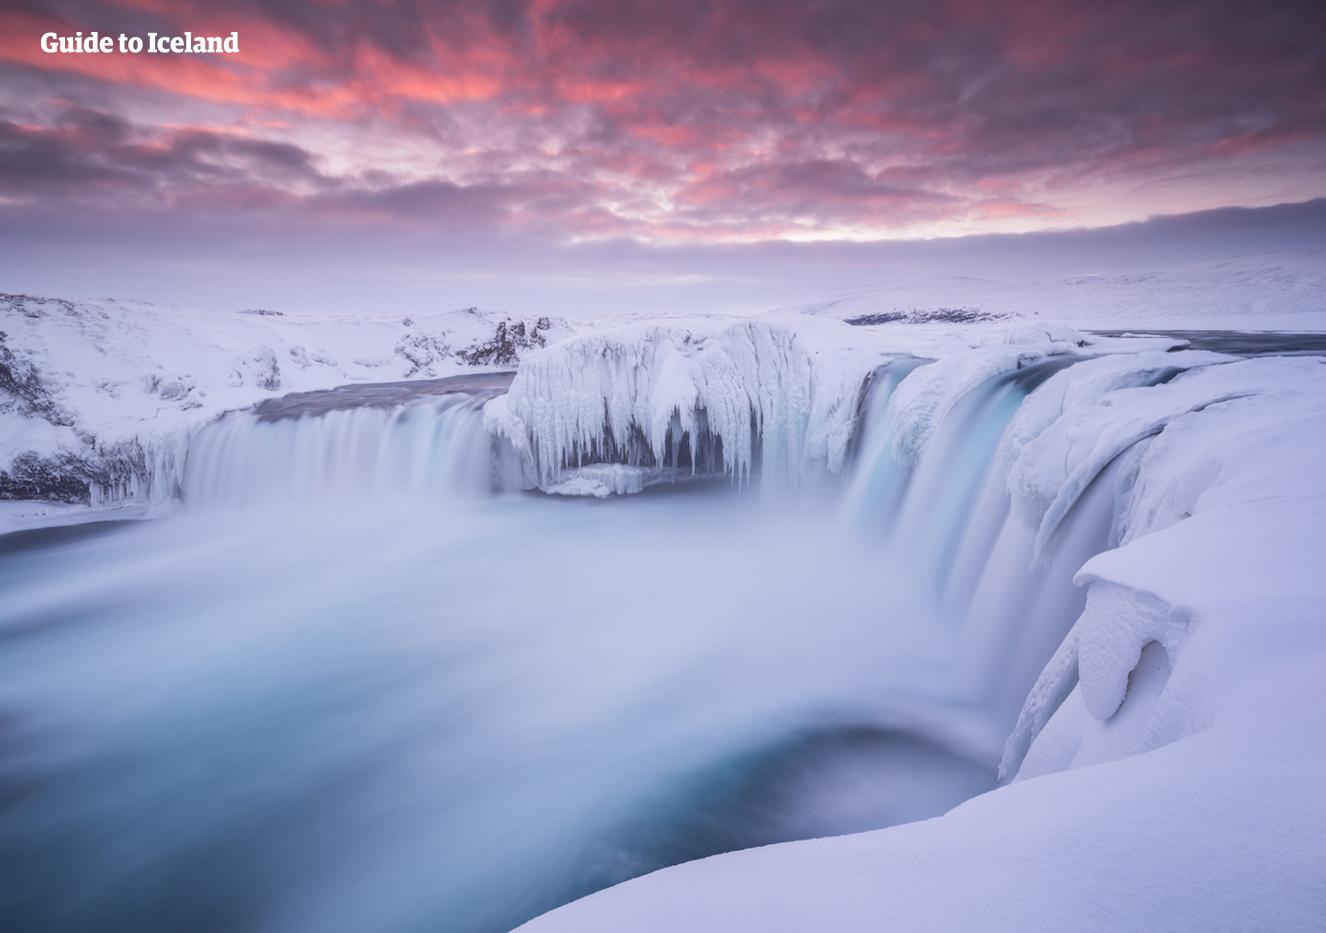 11-дневный автотур вокруг Исландии в поисках северного сияния   Кольцевая дорога и полуостров Снайфелльснес - day 3